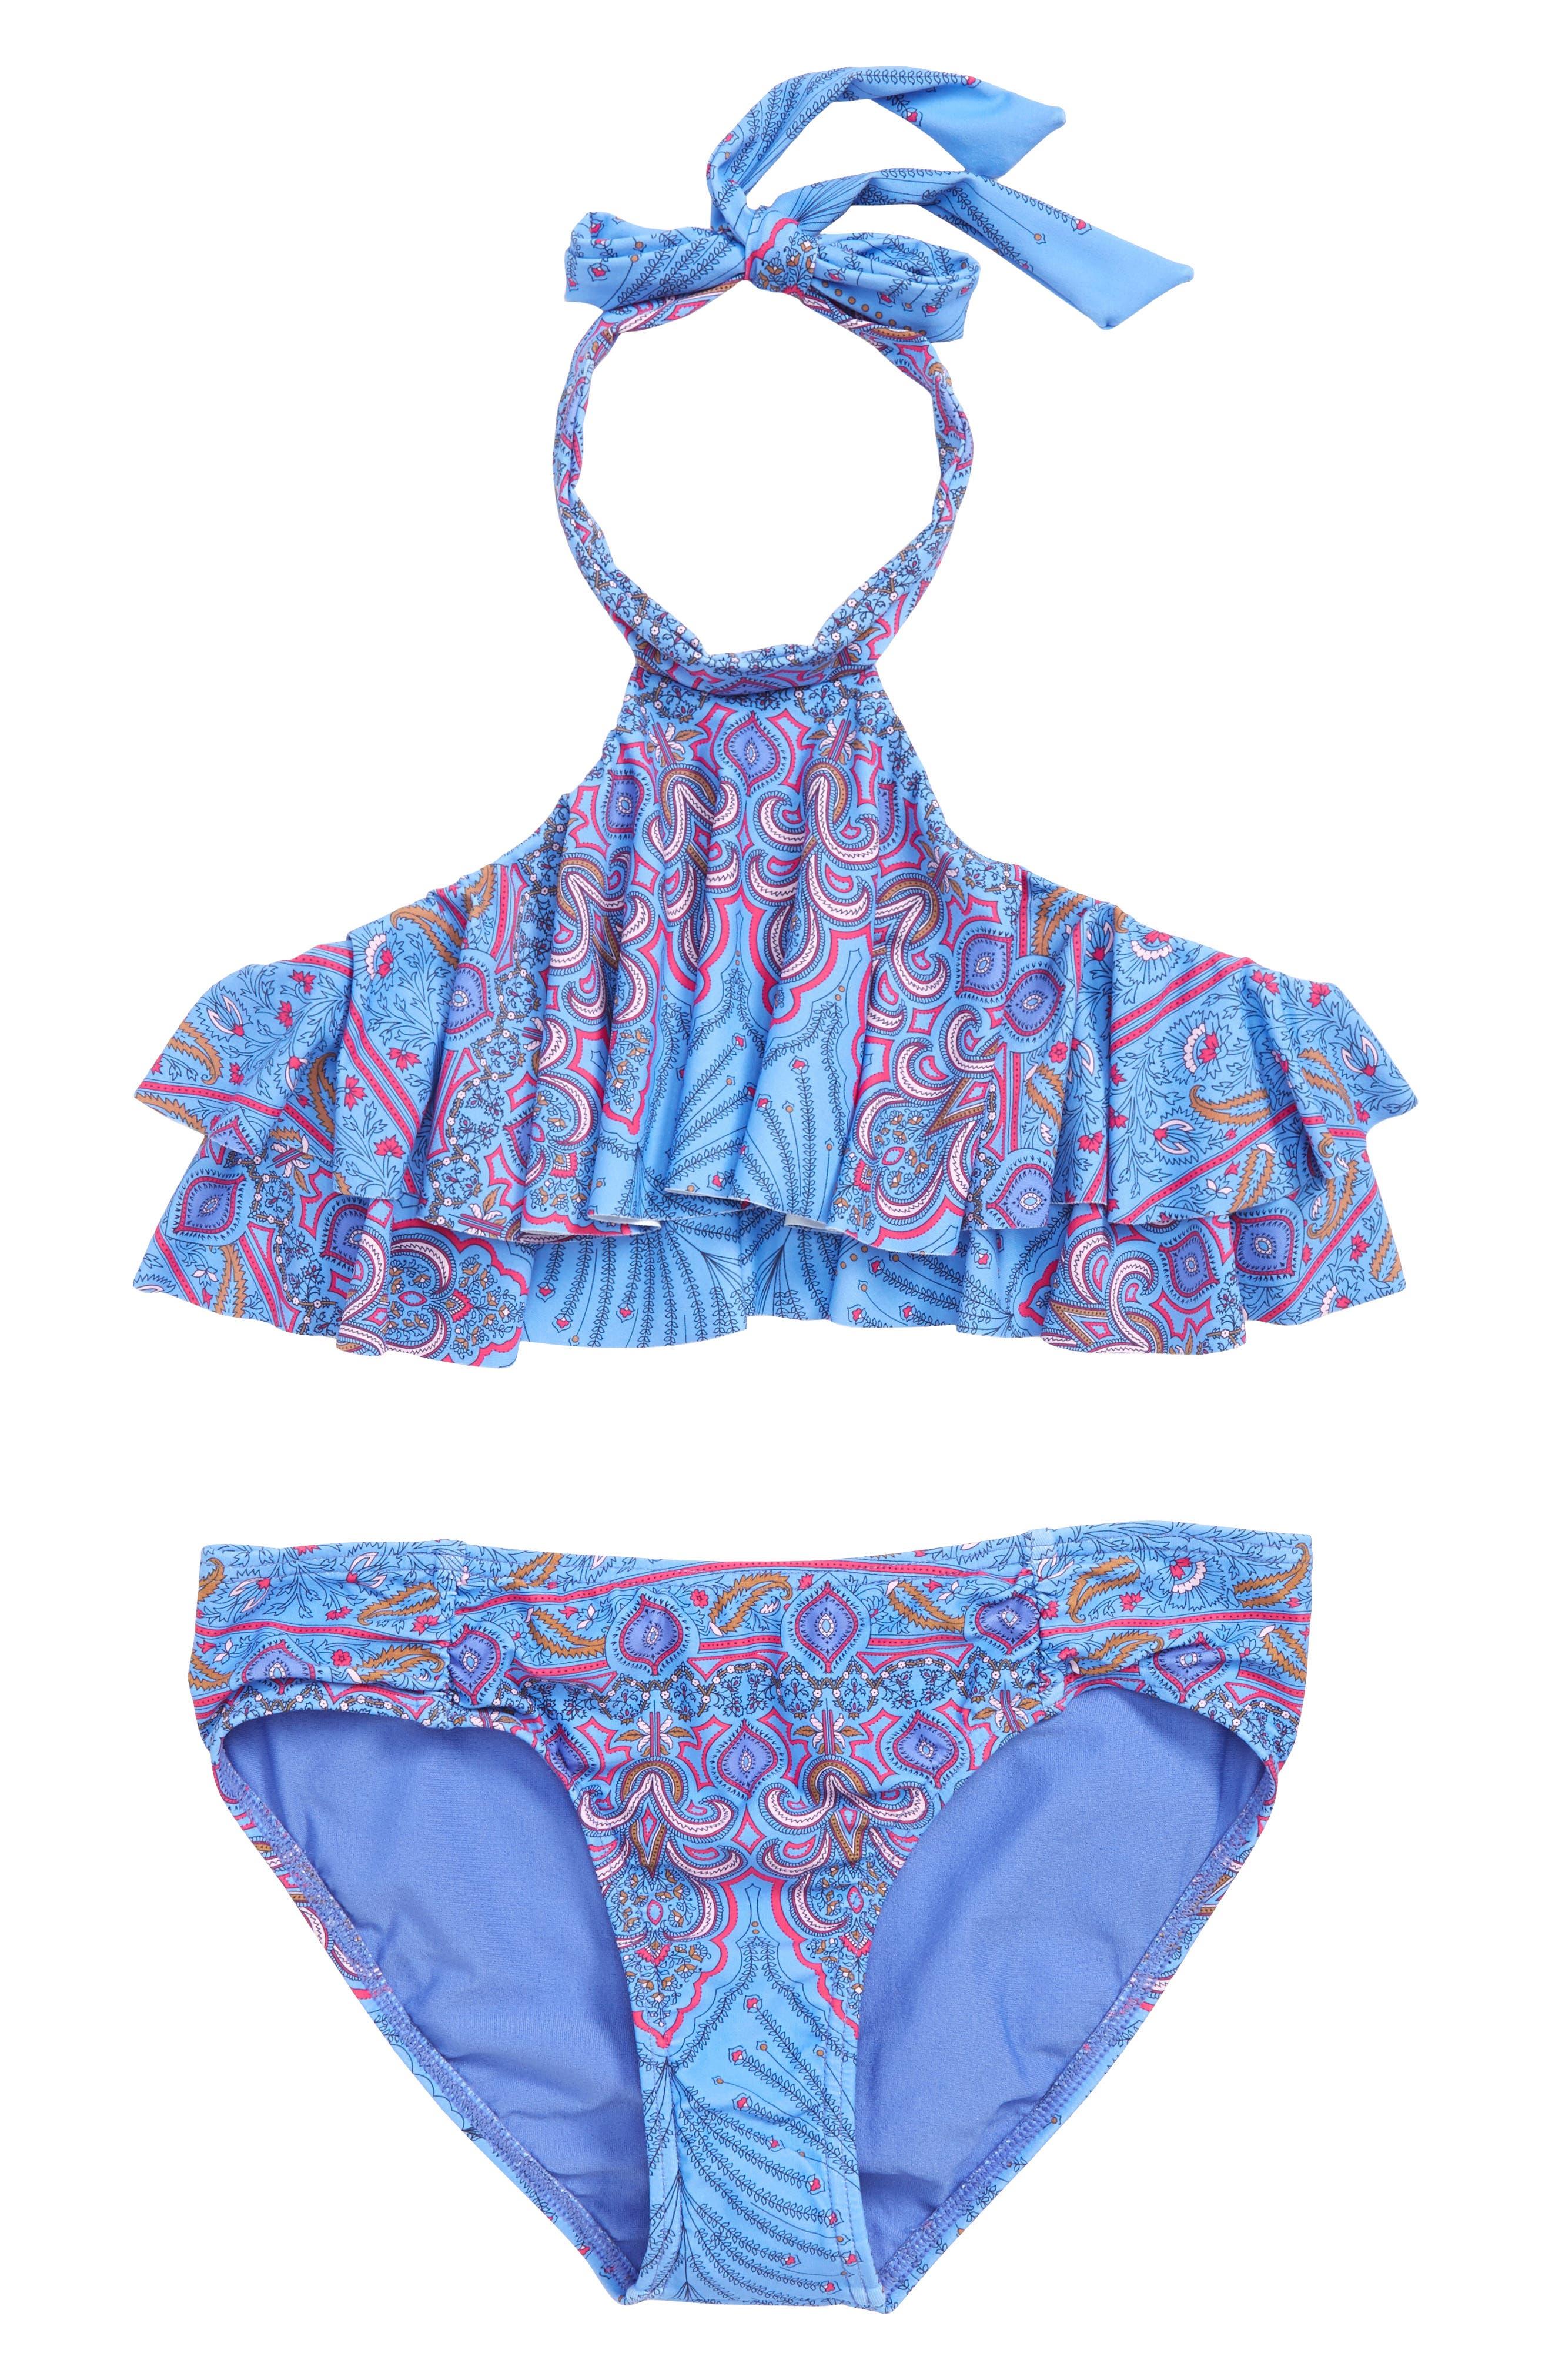 Evie Flounce Two-Piece Swimsuit,                             Main thumbnail 1, color,                             435